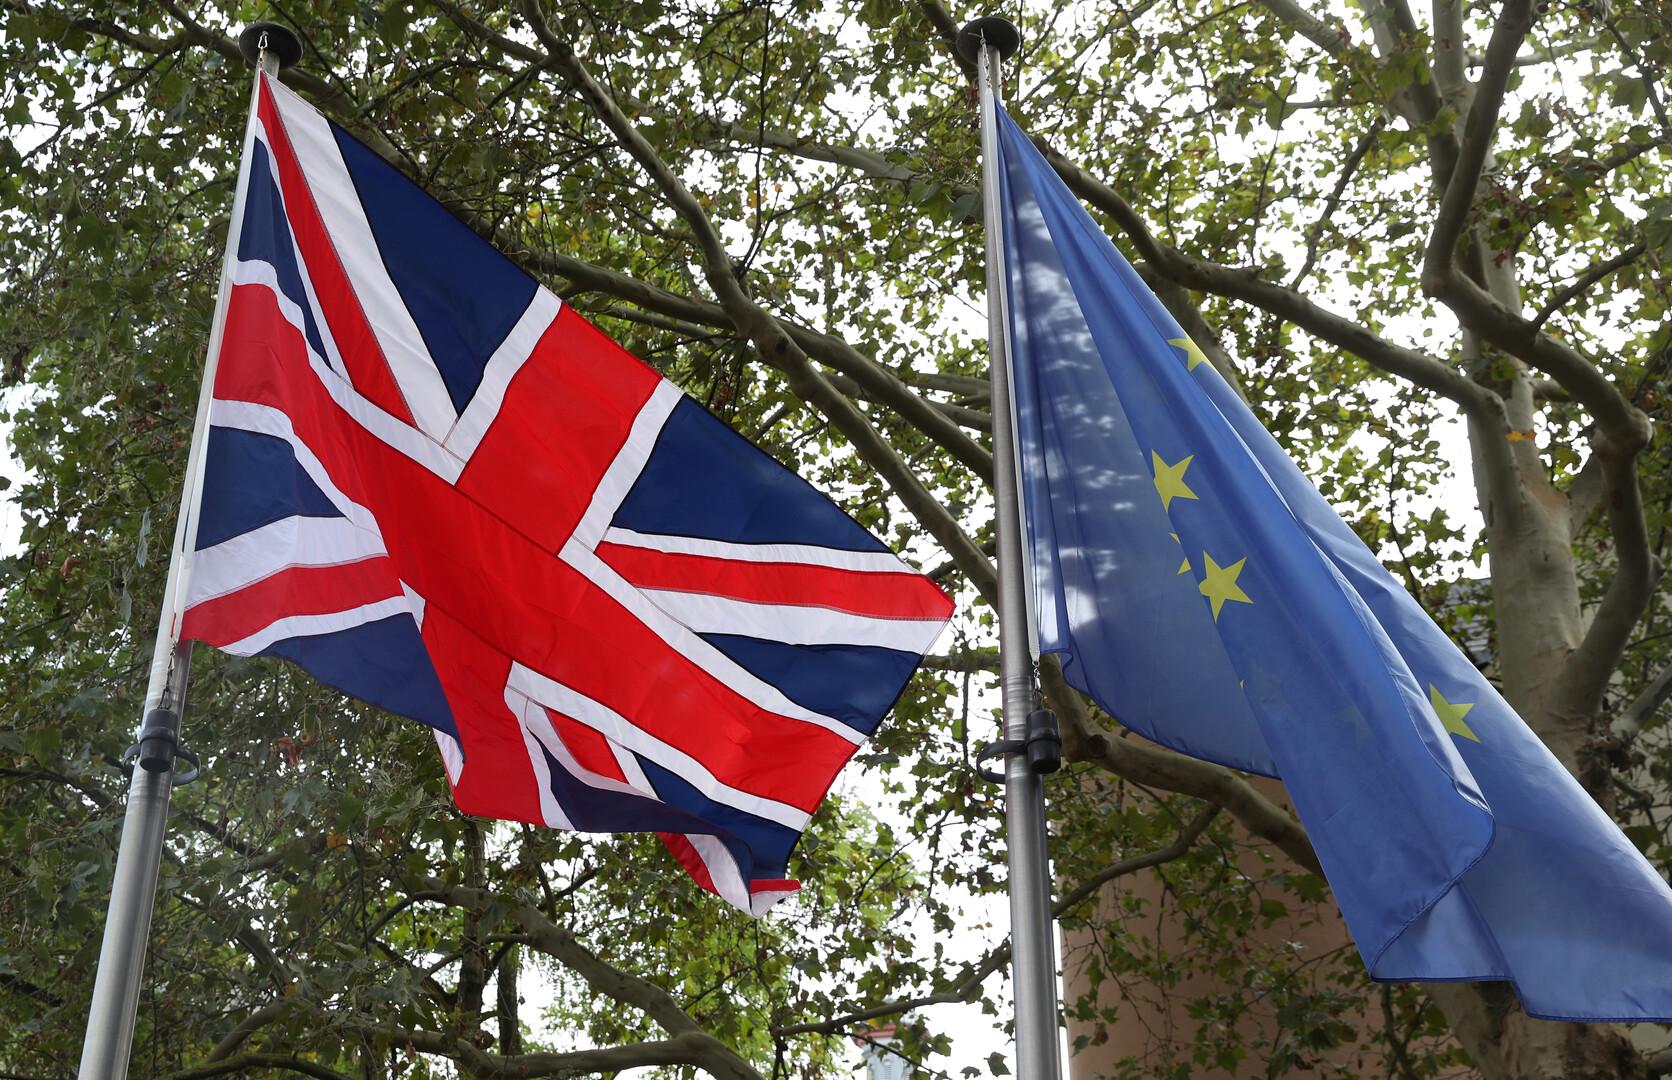 صحيفة: الاتحاد الأوروبي مستعد لتأجيل